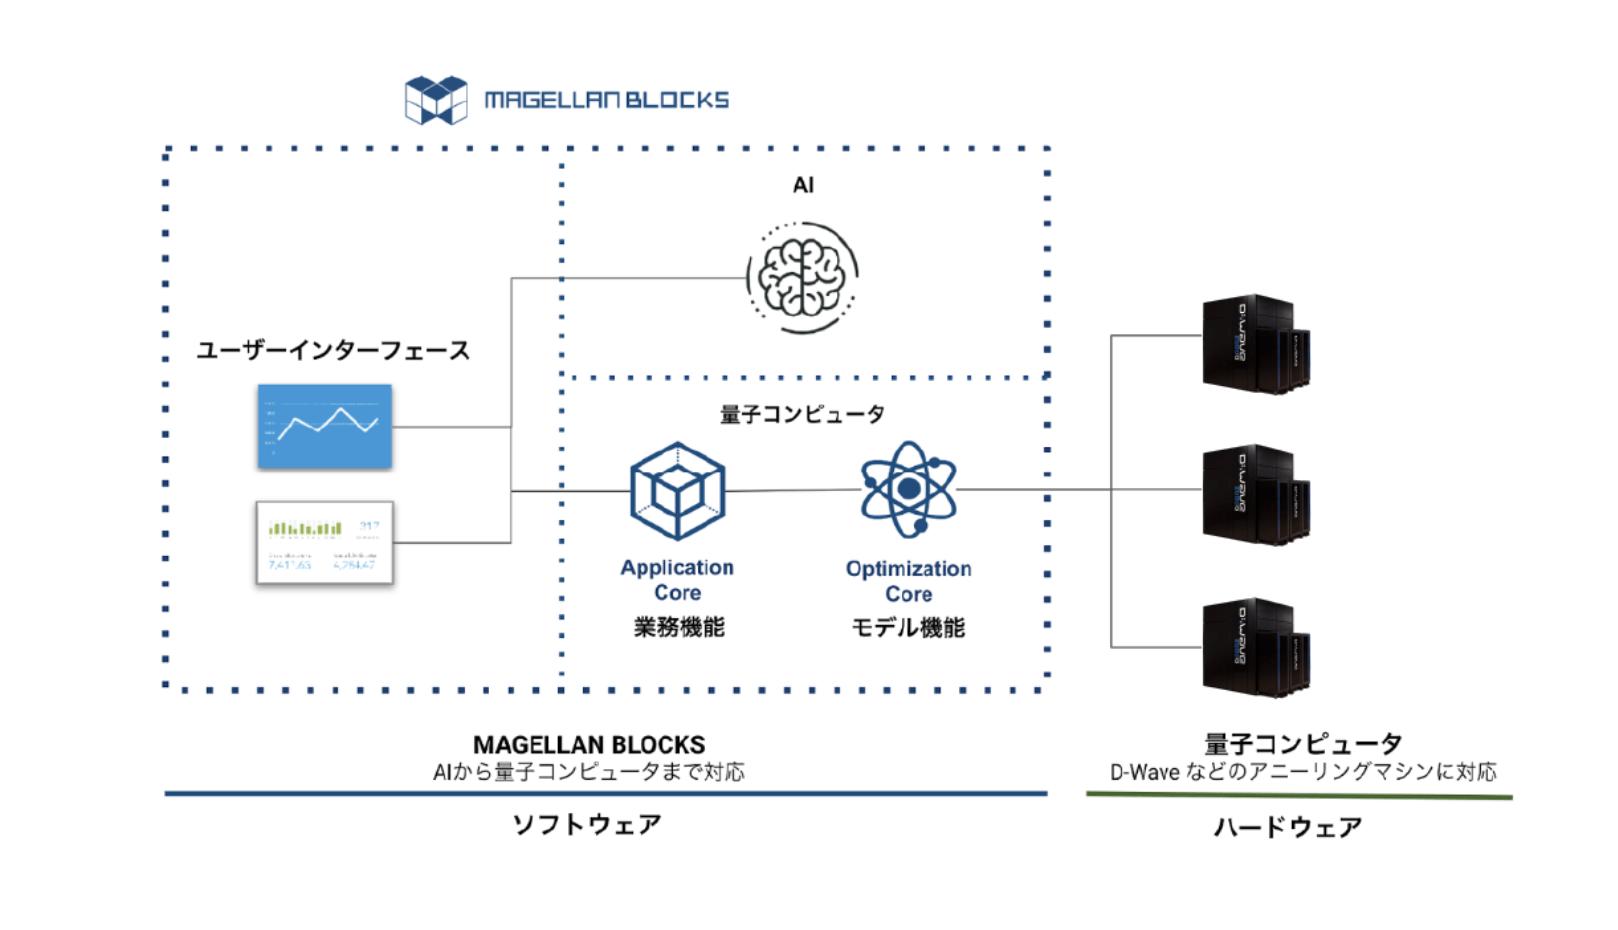 AIから量子の実用化までを可能にした「MAGELLAN BLOCKS」サービス構成